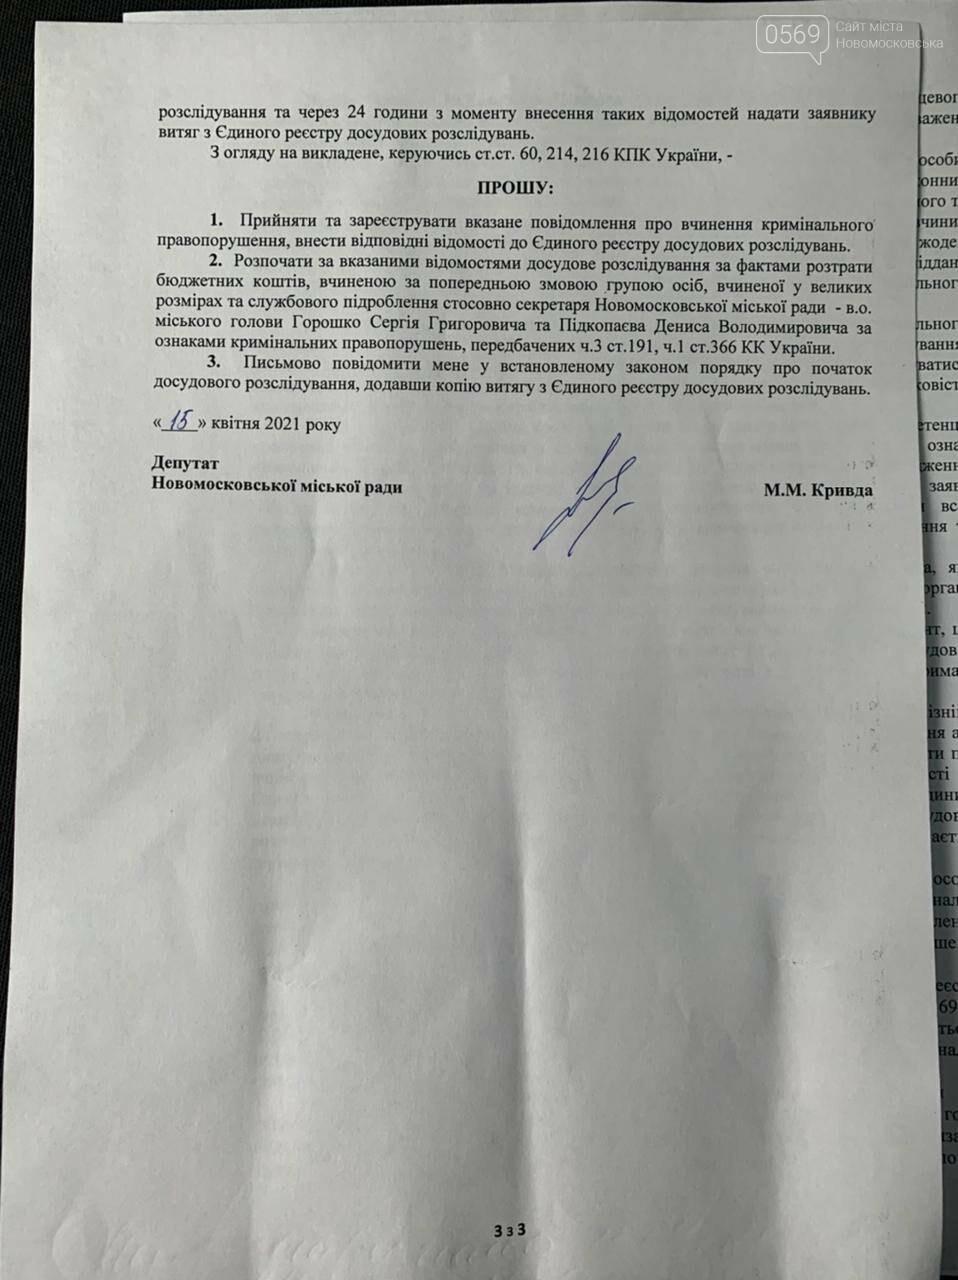 Екс-секретаря міської ради Новомосковська Сергія Горошка обвинувачують у розтраті бюджетних коштів, фото-3